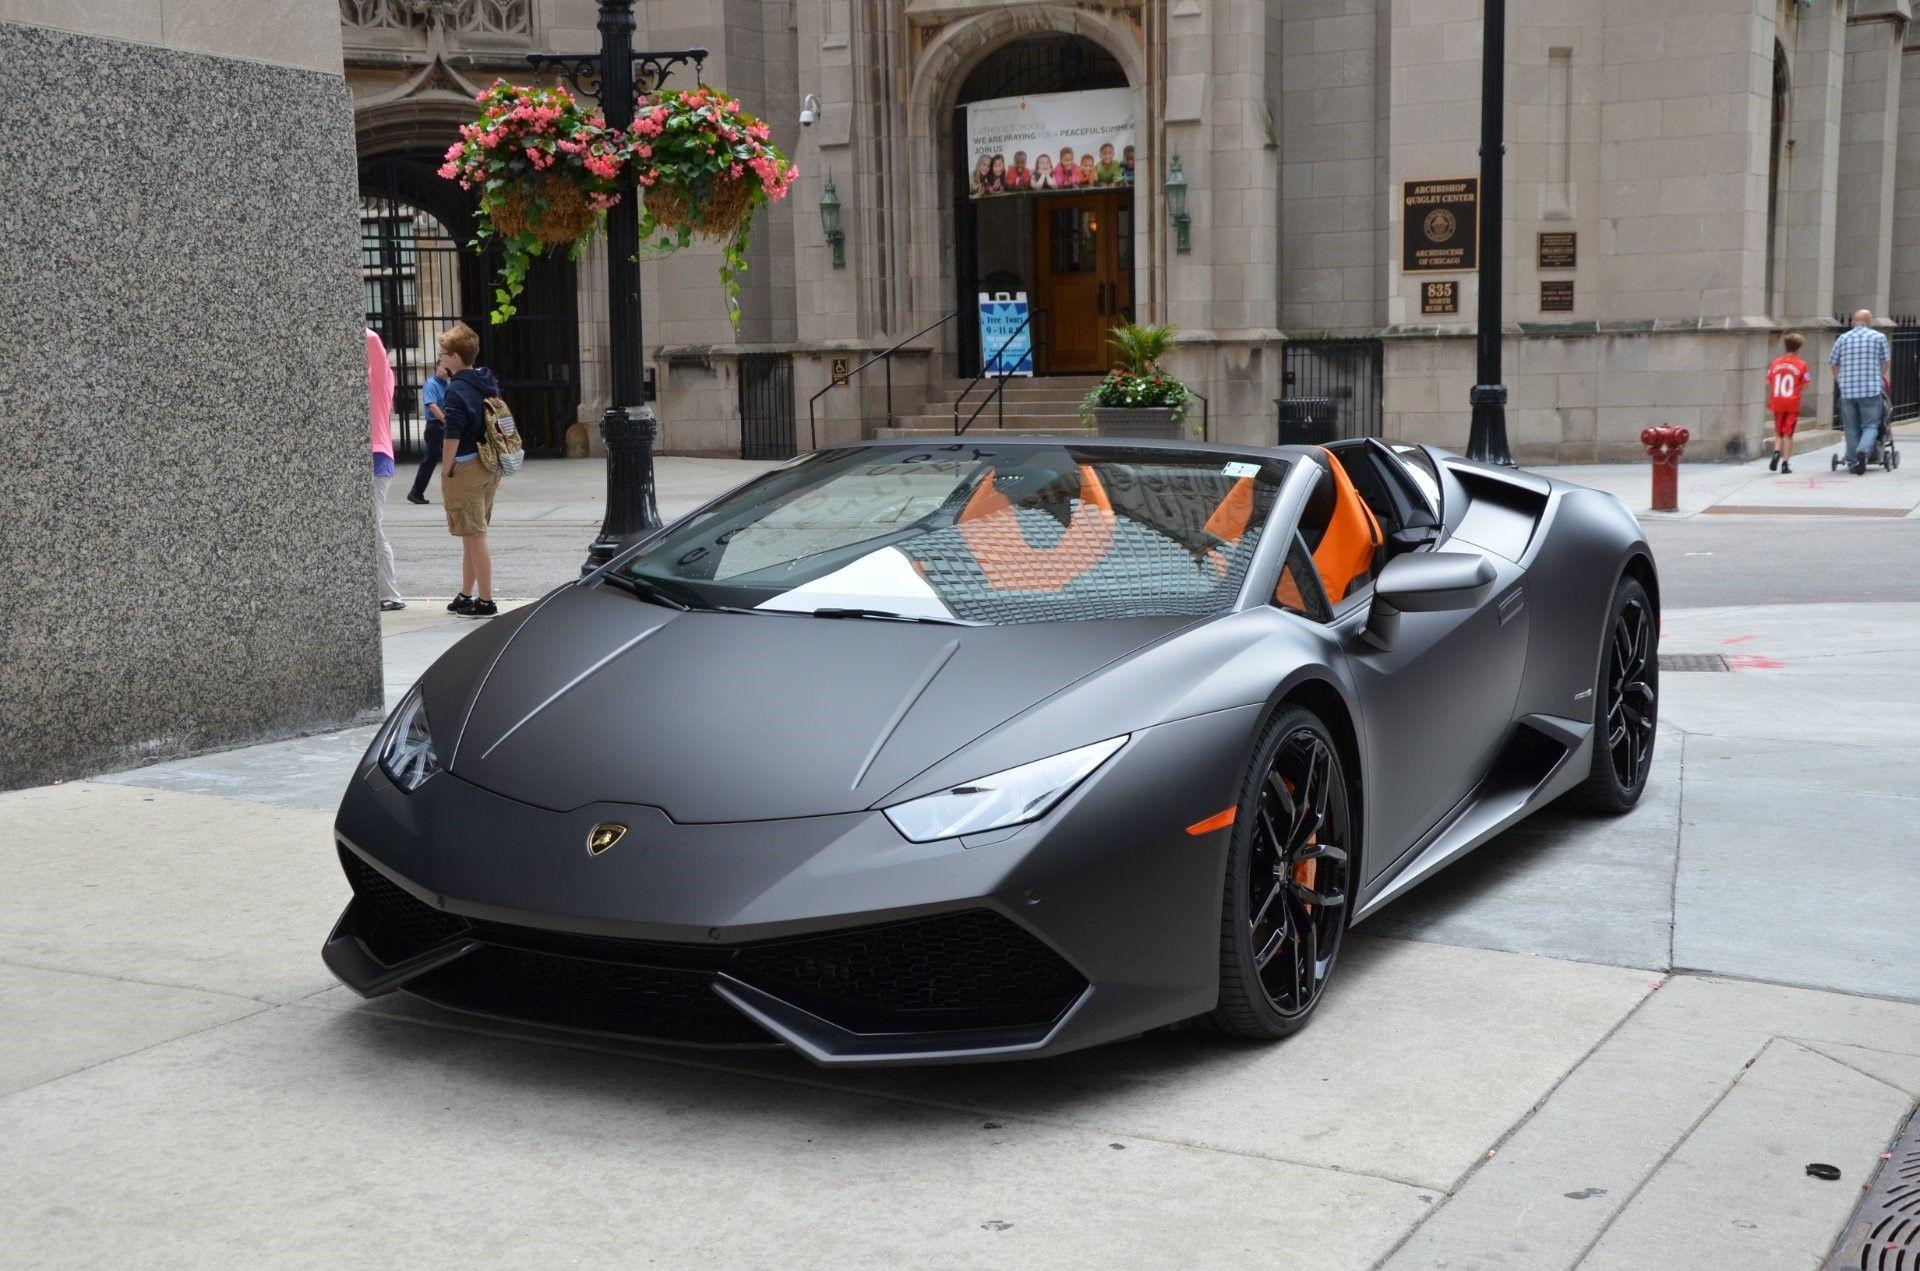 993347ed3477d3c4ed0b623a4299e610 Extraordinary Lamborghini Countach Schwer Zu Fahren Cars Trend